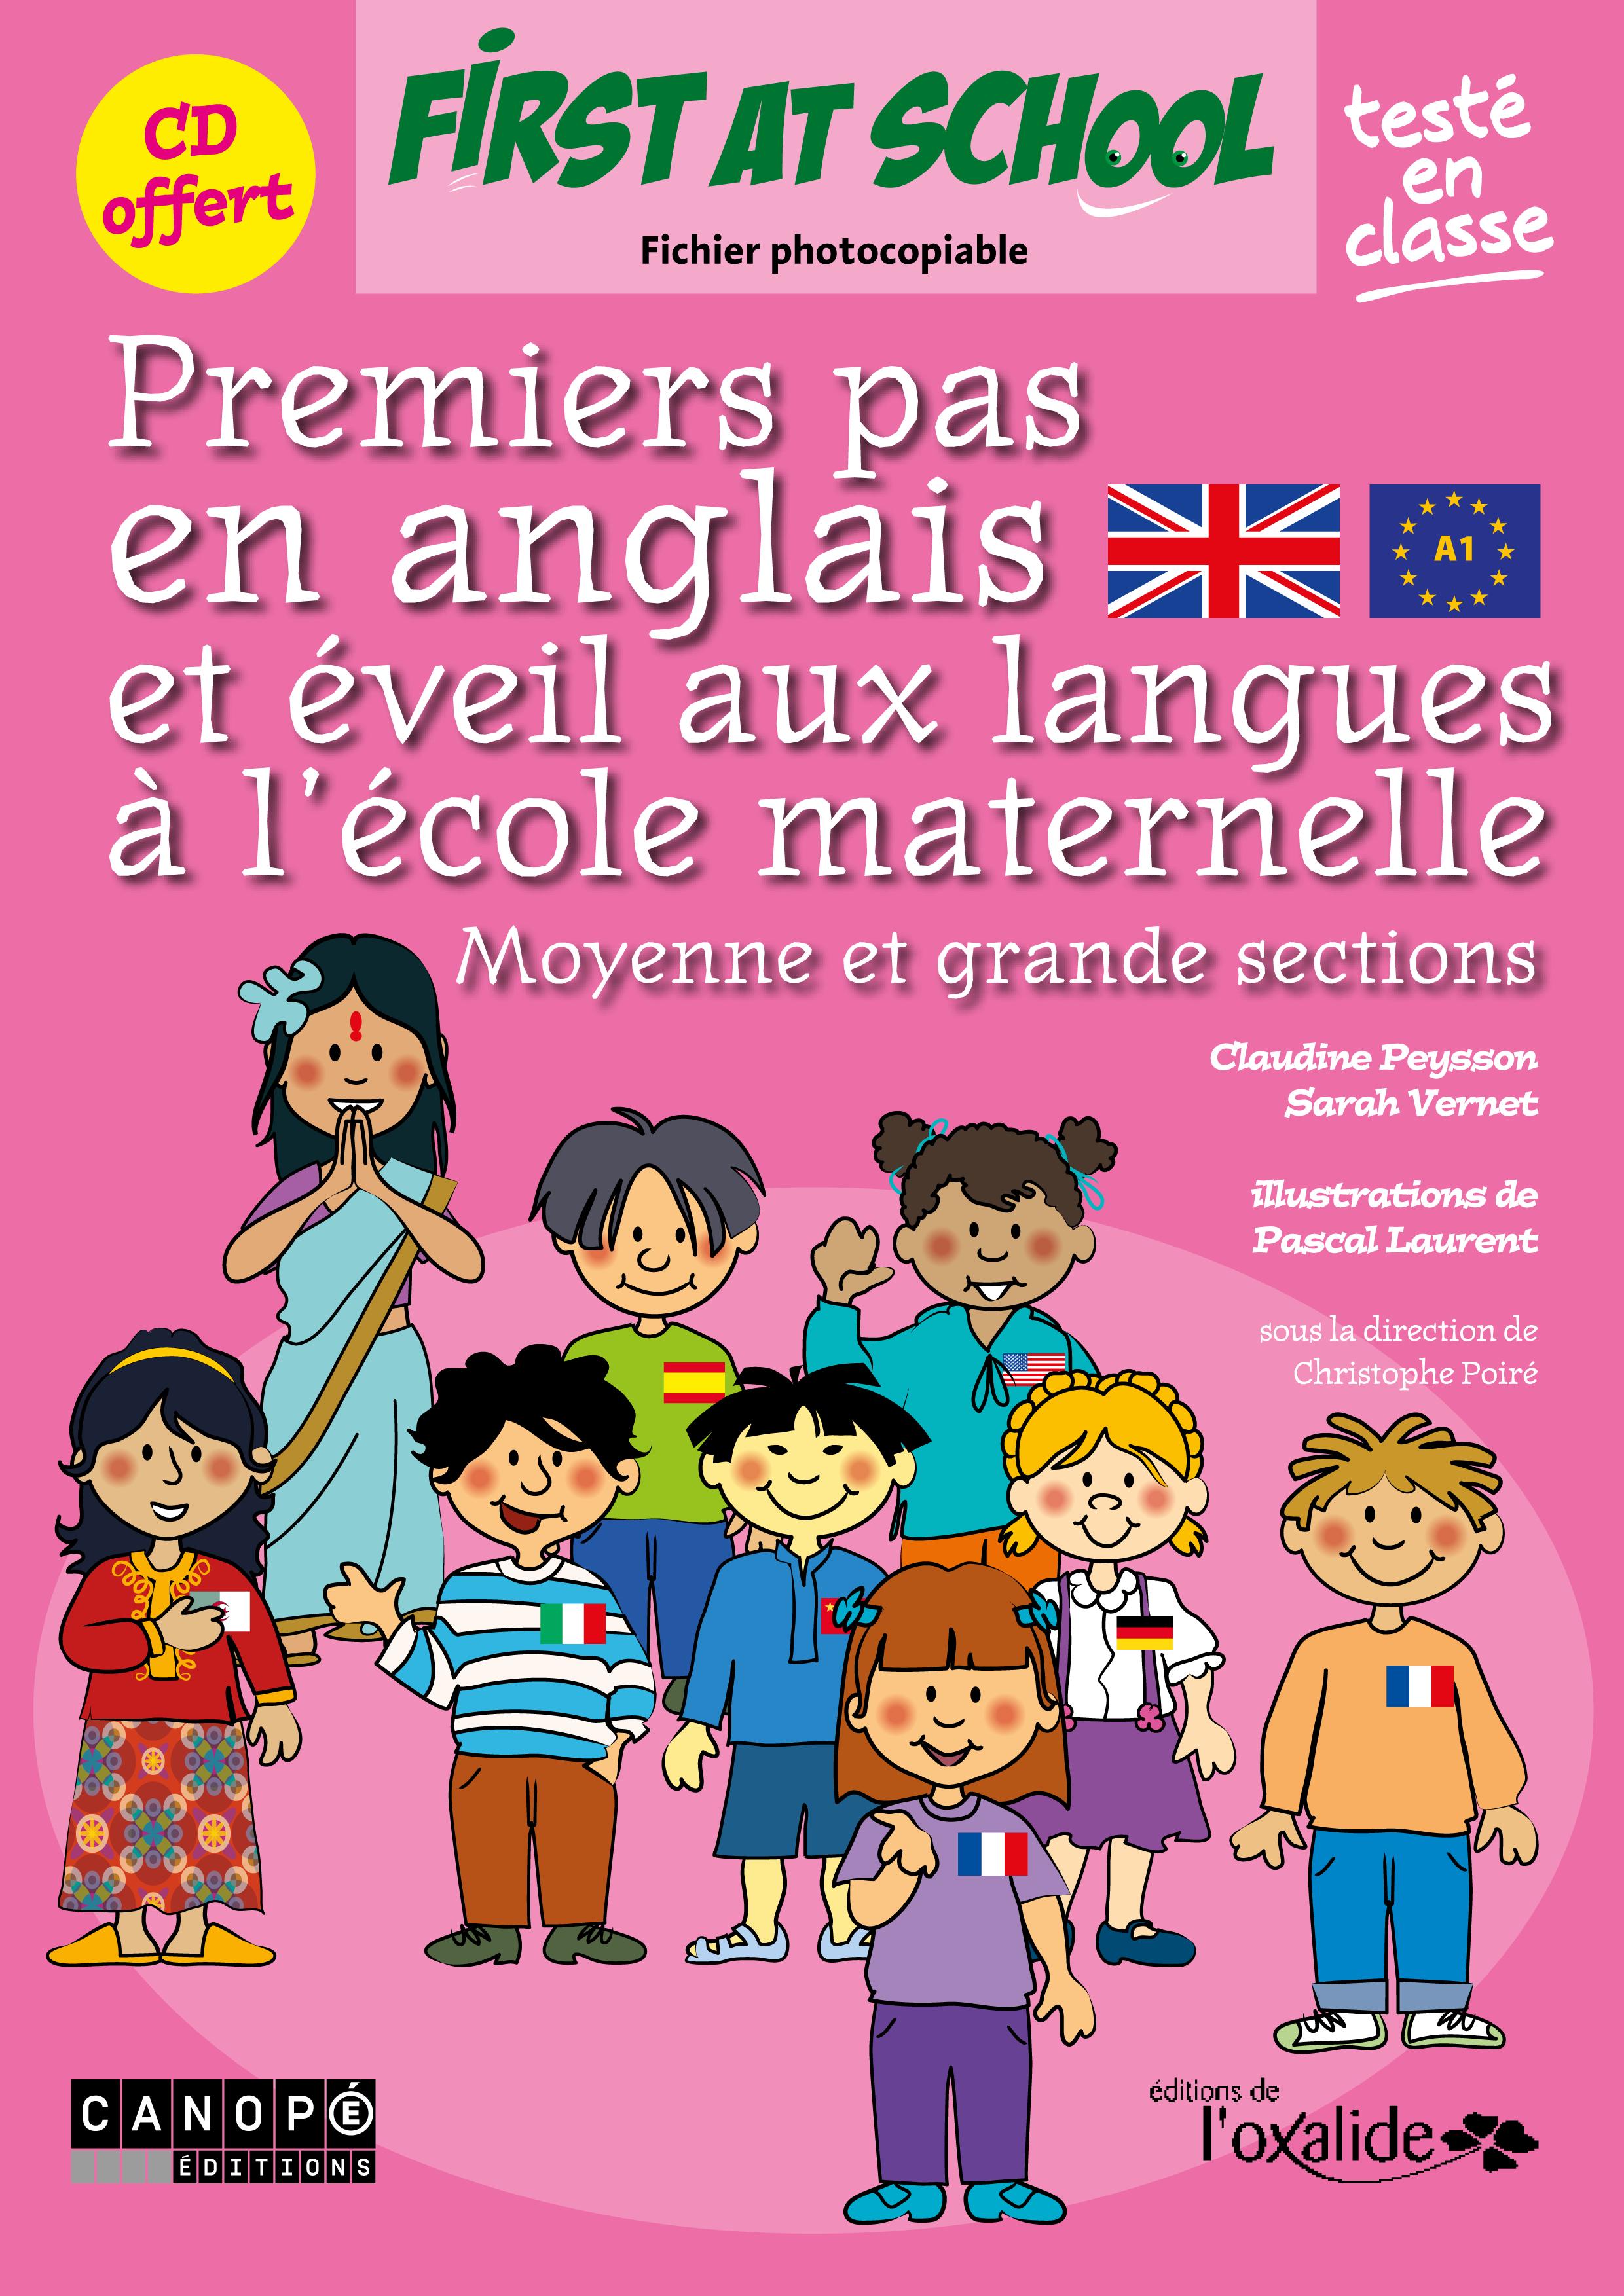 editions de l u0026 39 oxalide   premiers pas en anglais et  u00e9veil aux langues  u00e0 l u0026 39  u00e9cole maternelle